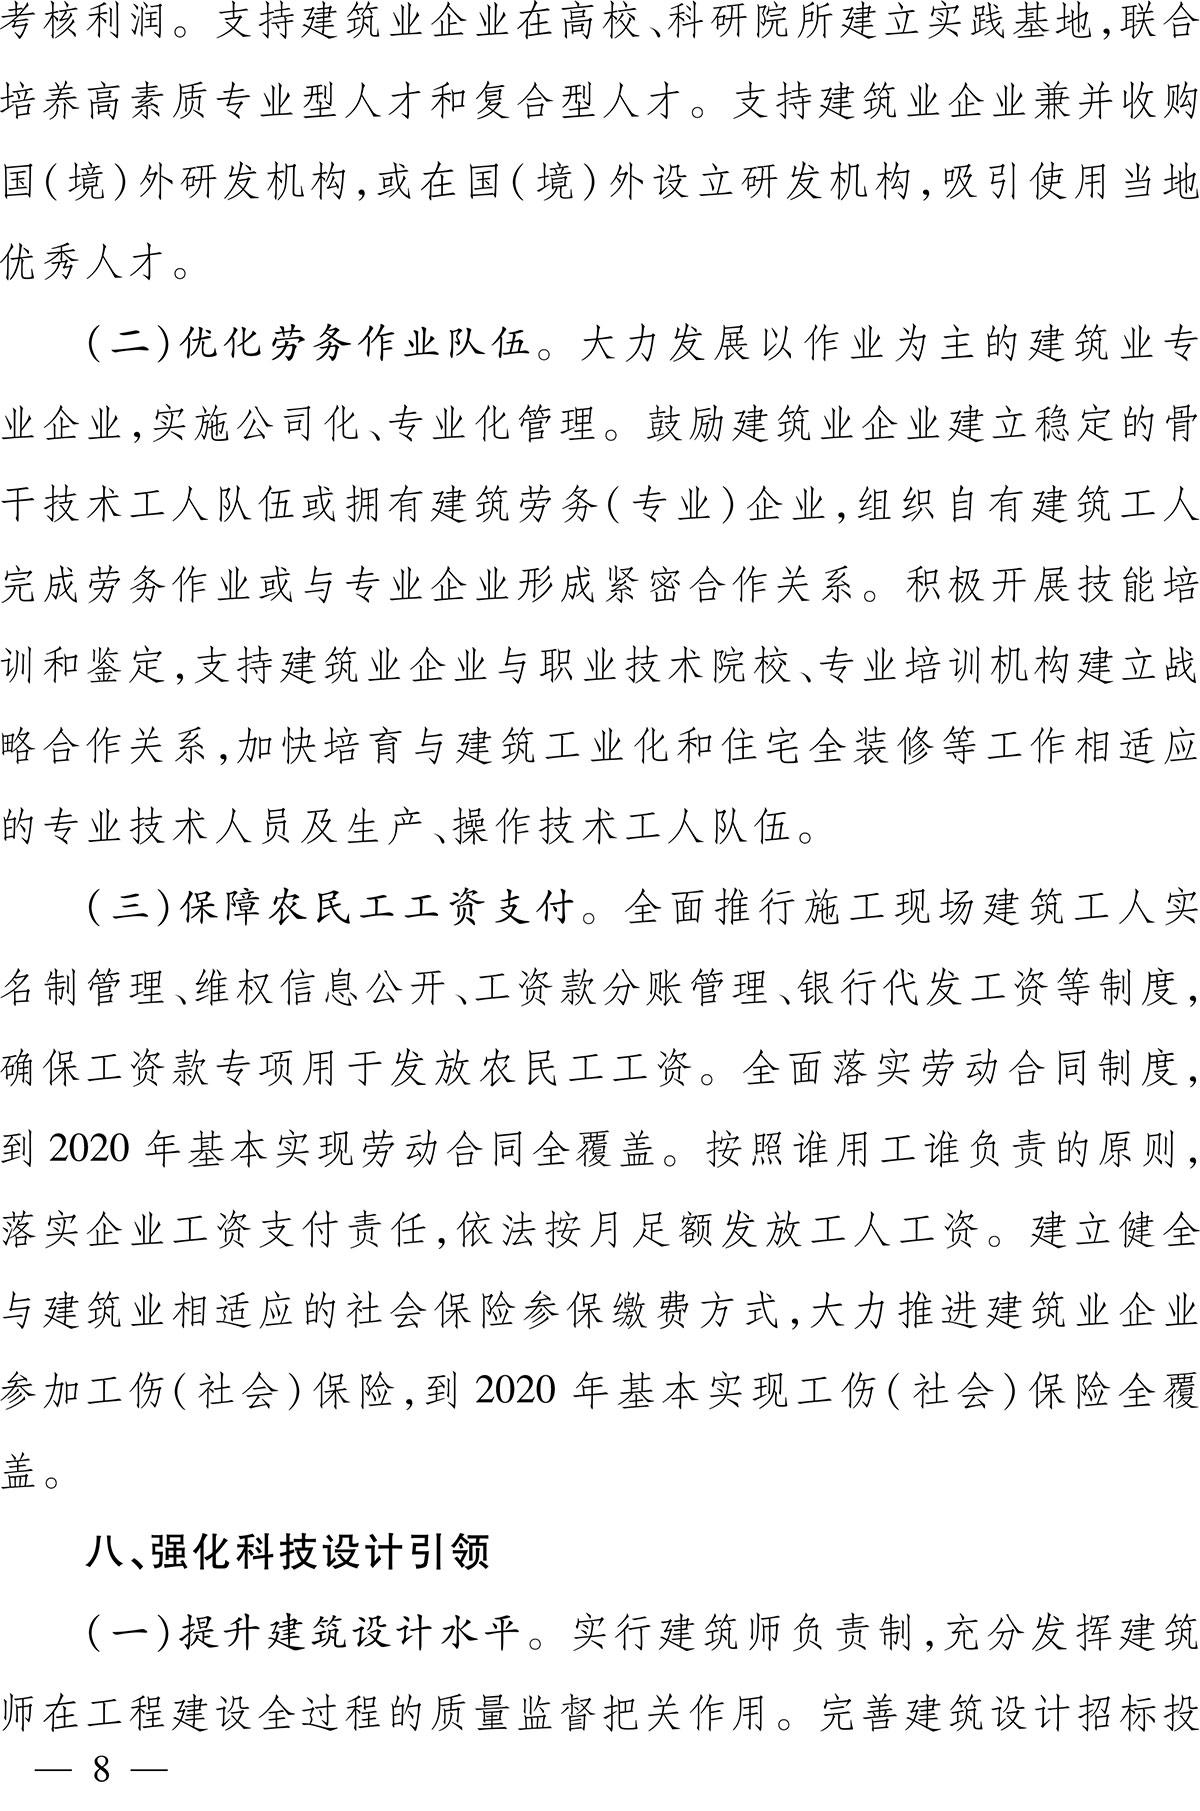 浙江省人民政府办公厅关于加快建筑业改革与发展的实施意见-8.jpg